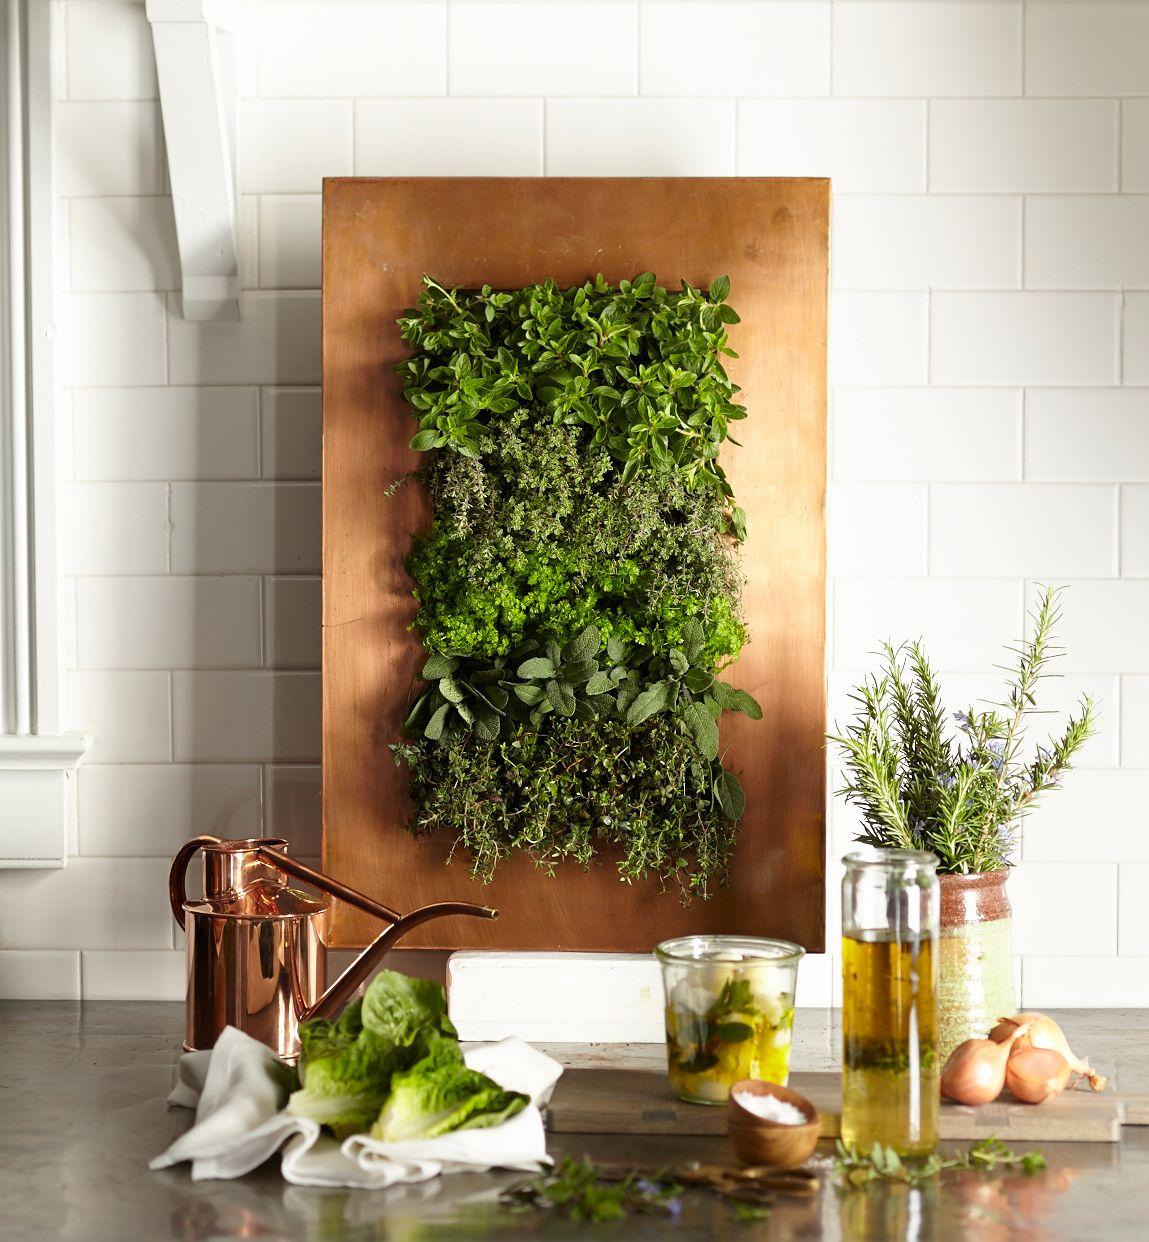 Vertical Garden Serafini Amelia Mix Home & Garden Ideas